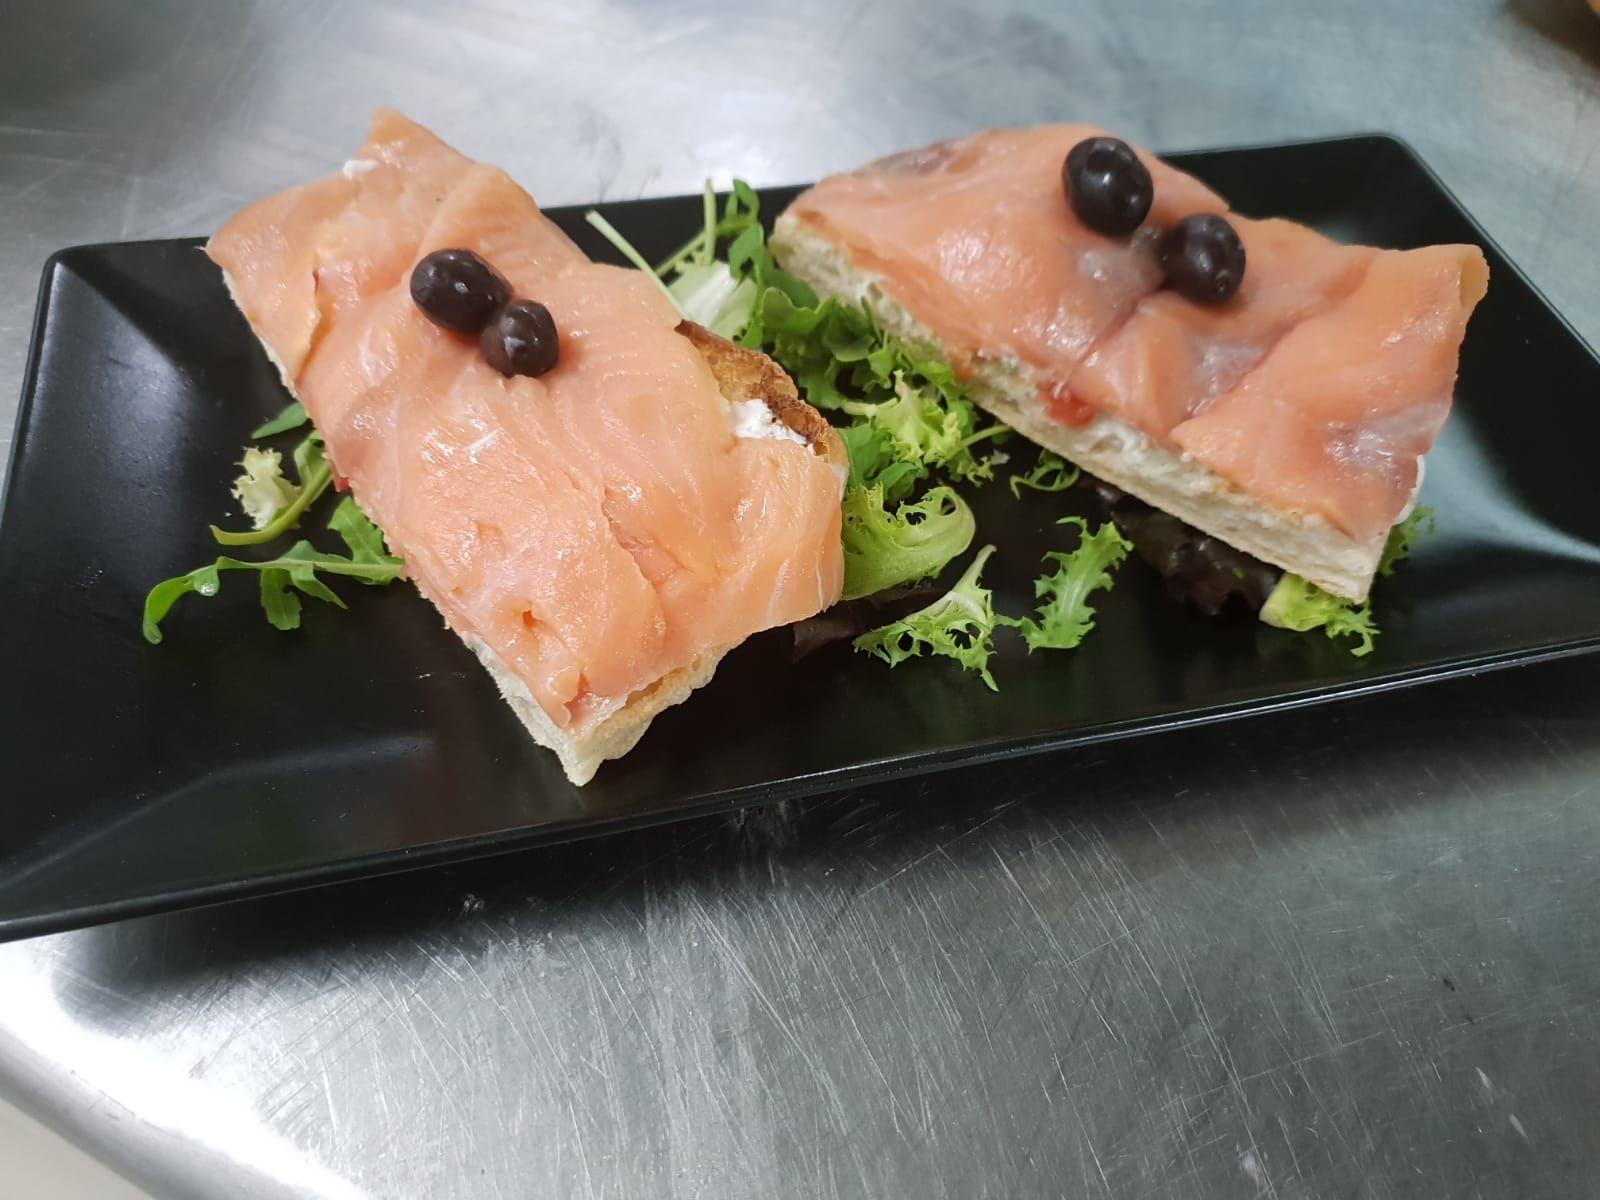 Restaurante de tapas en Castellar del Vallés